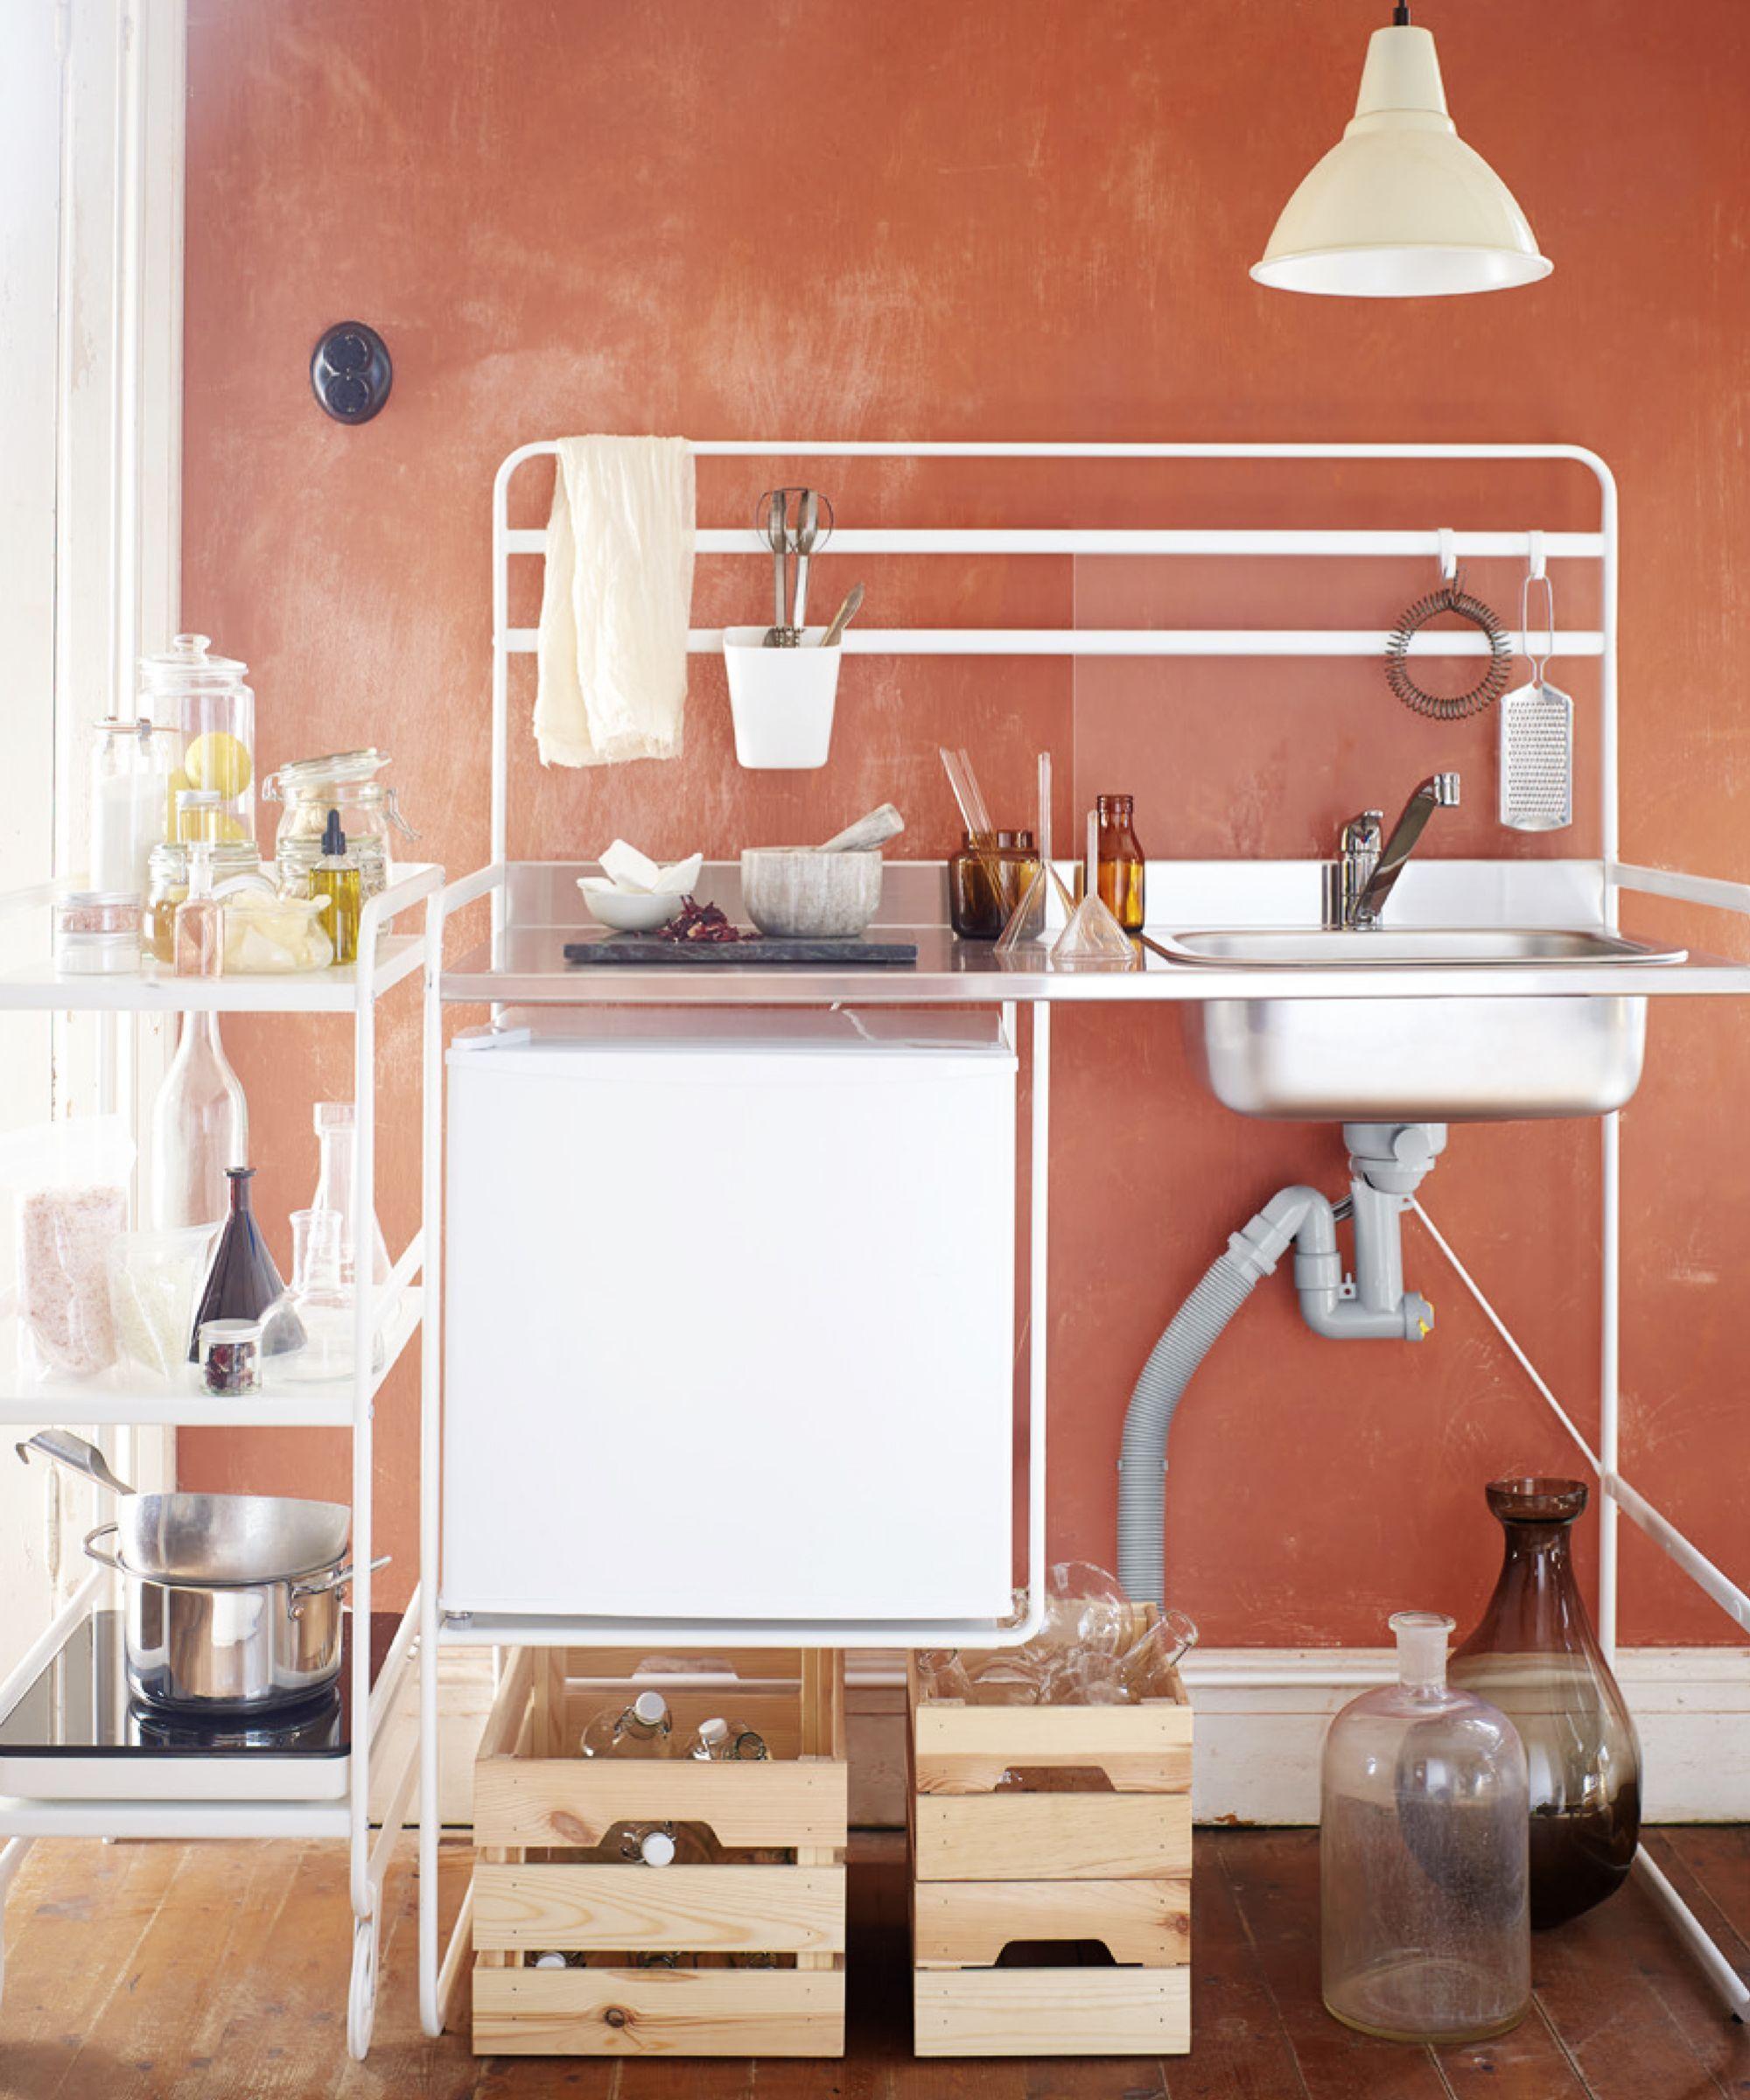 Full Size of Get An Entire Ikea Mini Kitchen For Just 112 Minikche Sofa Mit Schlaffunktion Betten 160x200 Küche Kaufen Kosten Miniküche Modulküche Bei Wohnzimmer Miniküchen Ikea